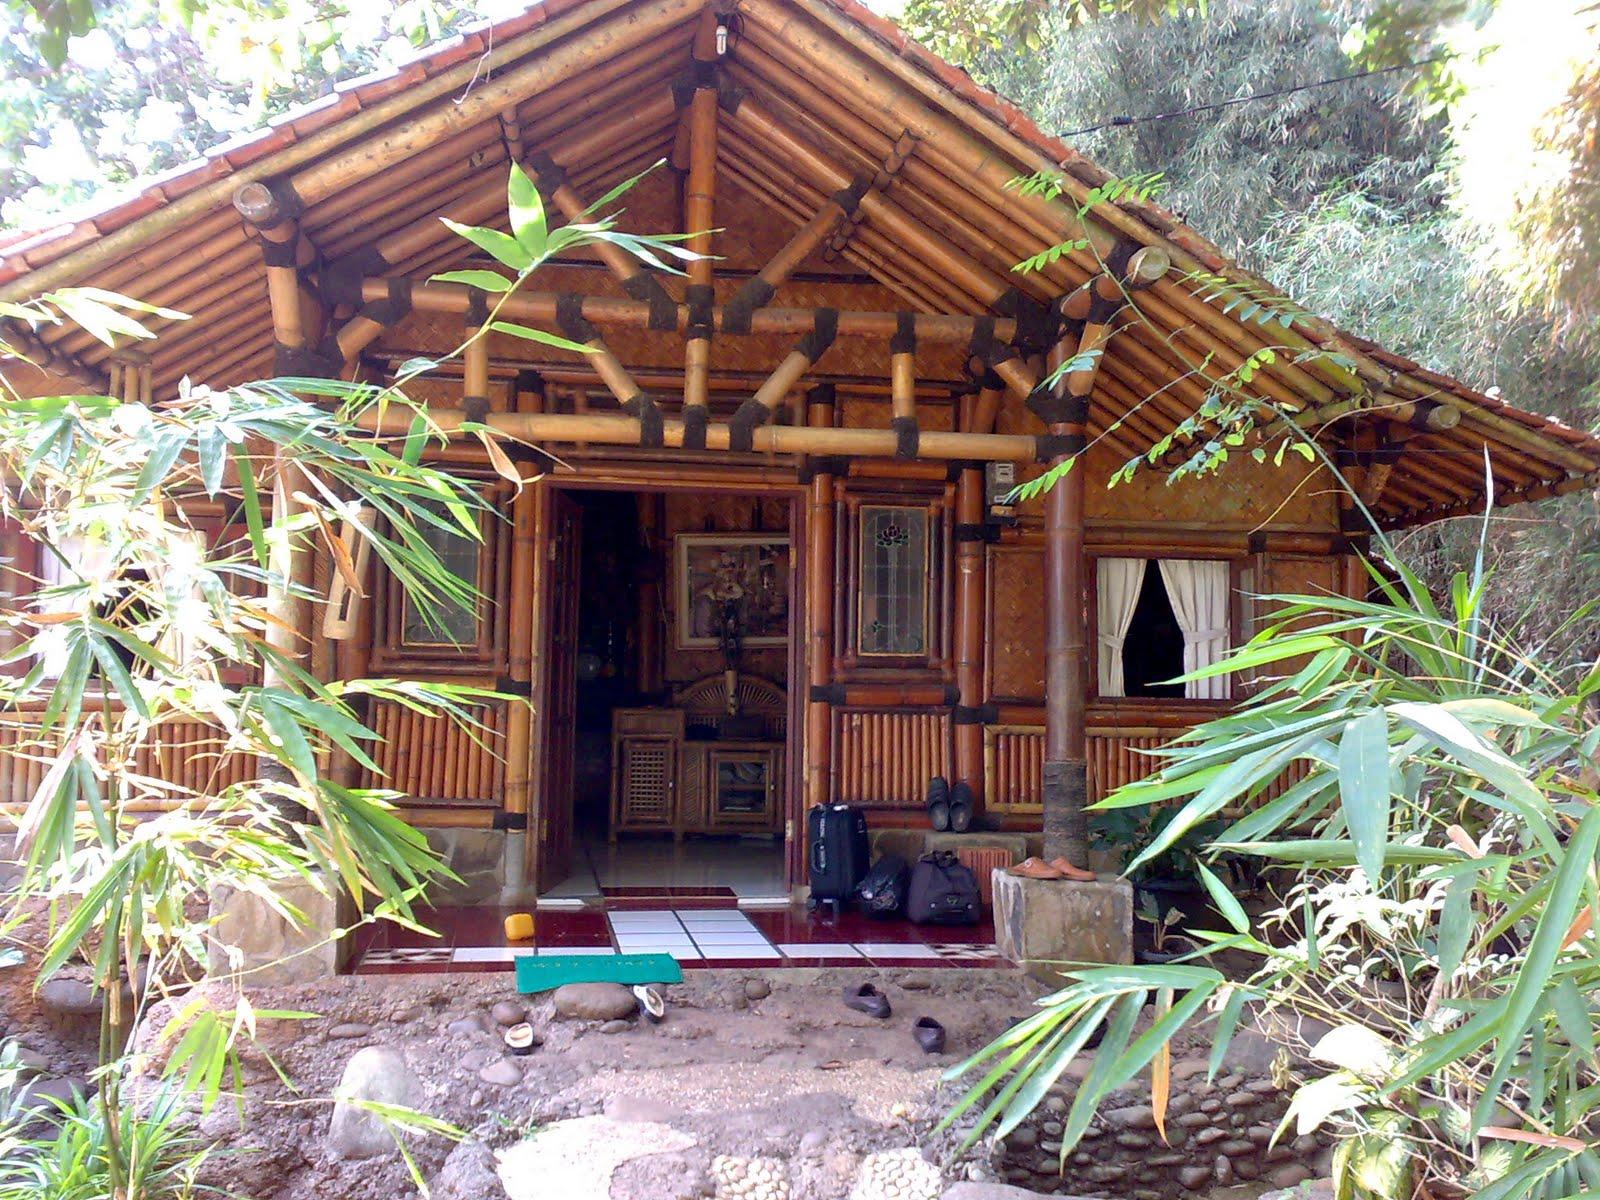 Mewah Desain Rumah Sederhana Dari Bambu 82 Dalam Dekorasi Interior Rumah dengan Desain Rumah Sederhana Dari Bambu